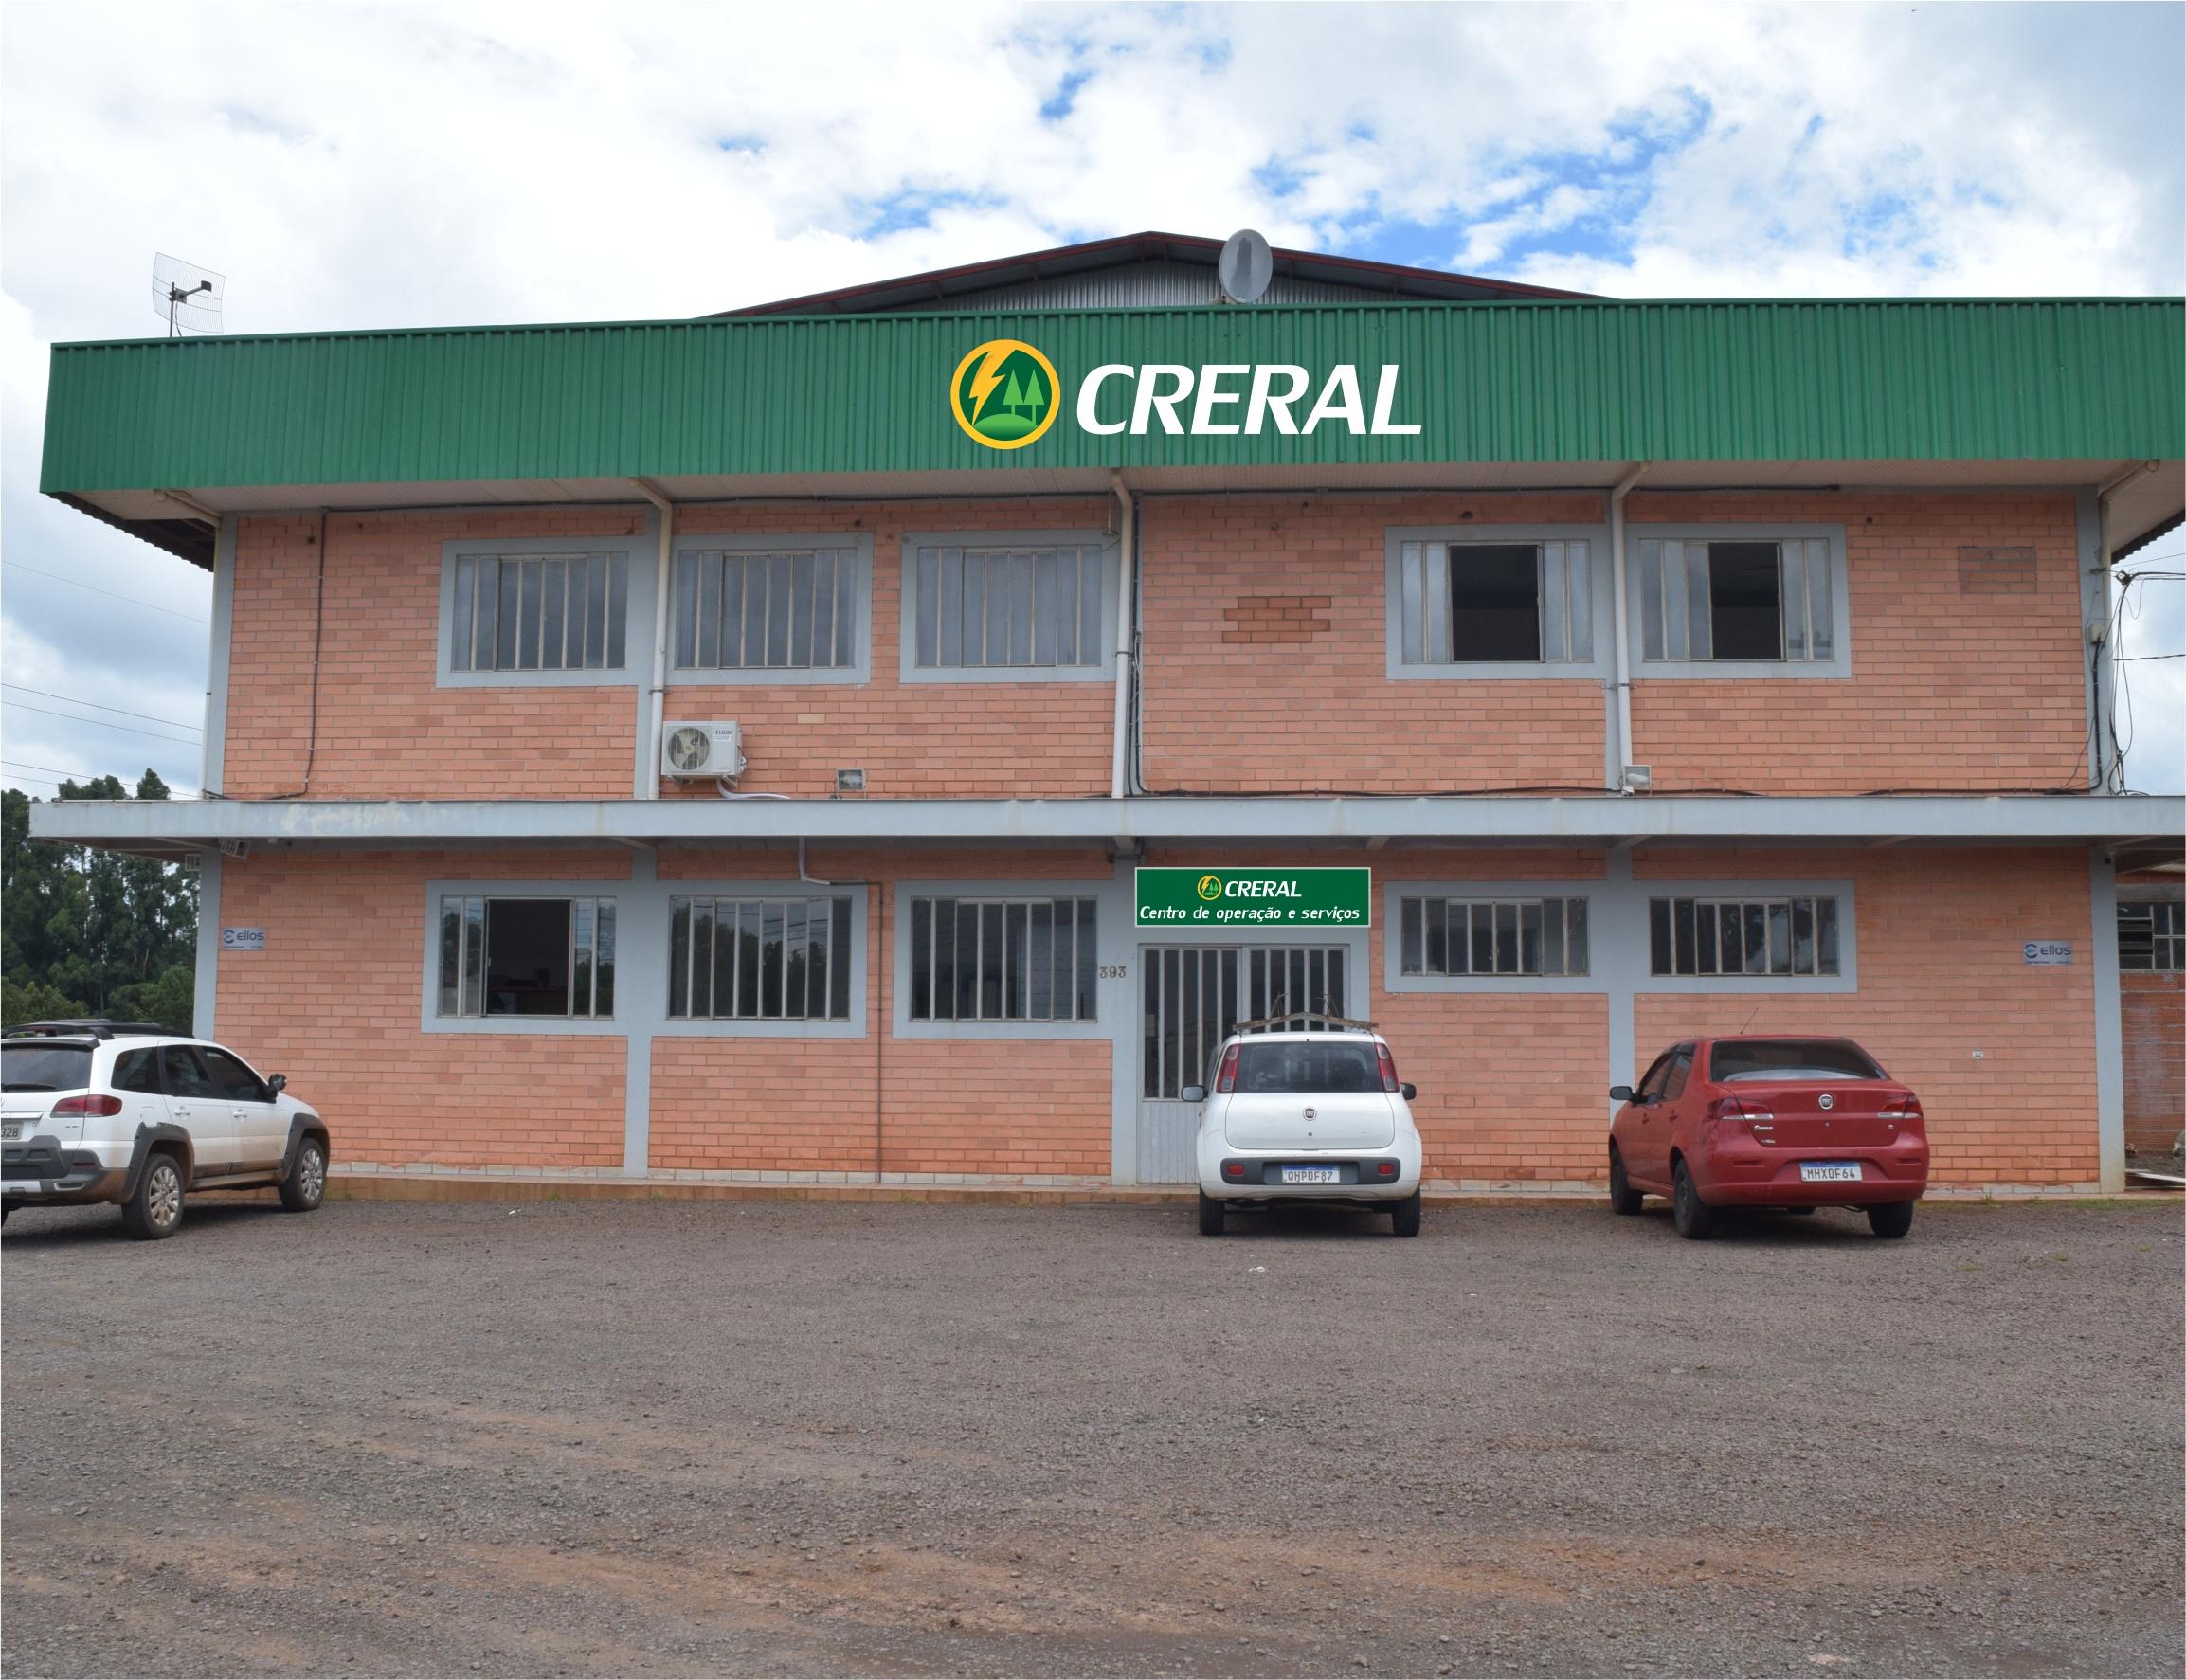 Creral abre Centro de Operação e Serviços no distrito industrial de Erechim